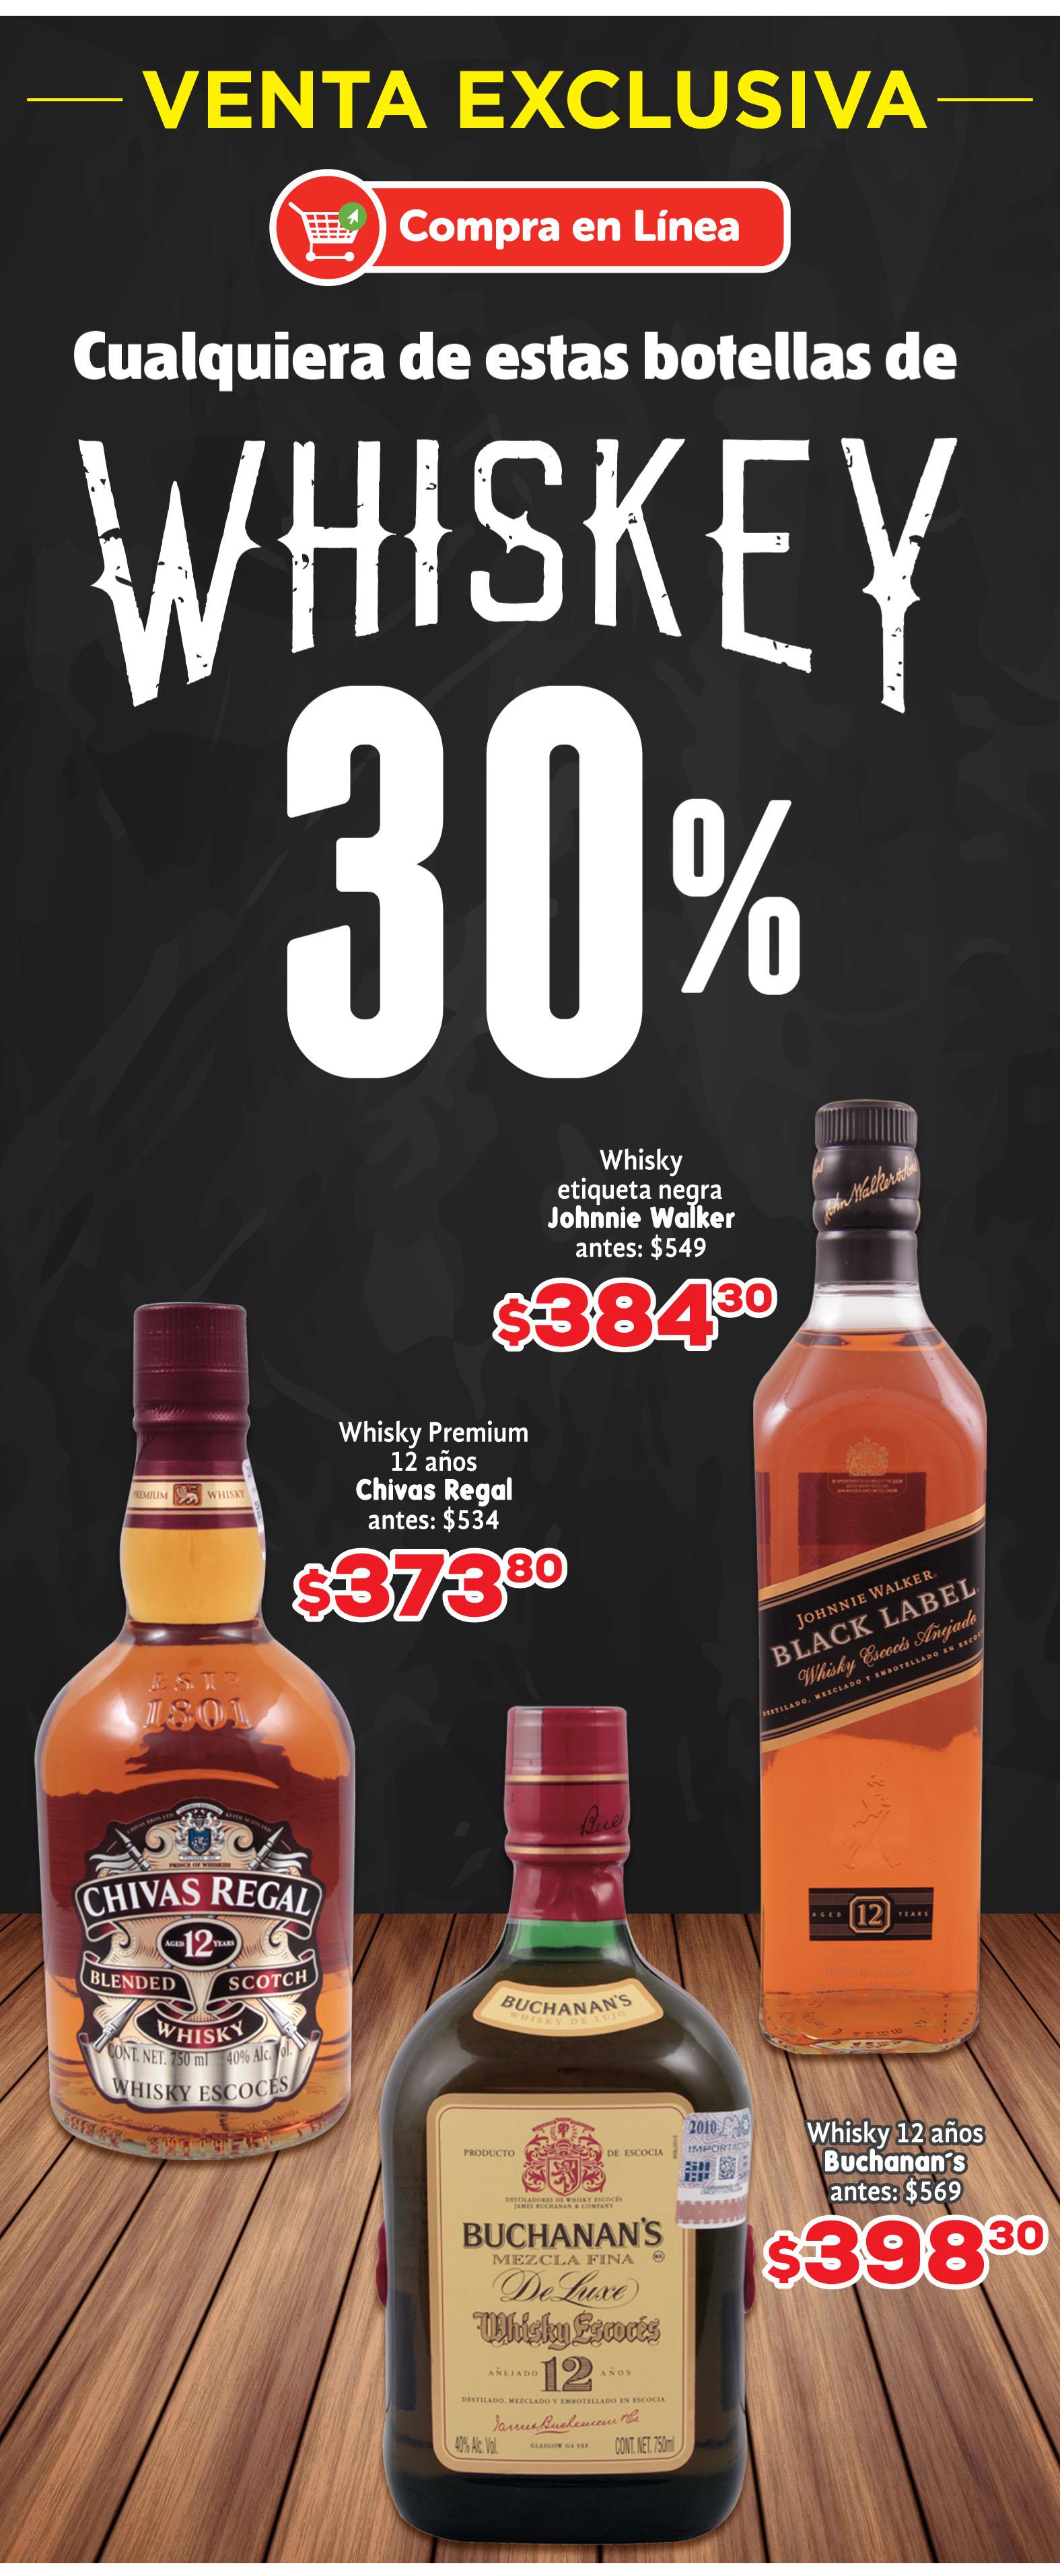 HEB: 30% en whiskey compra en linea